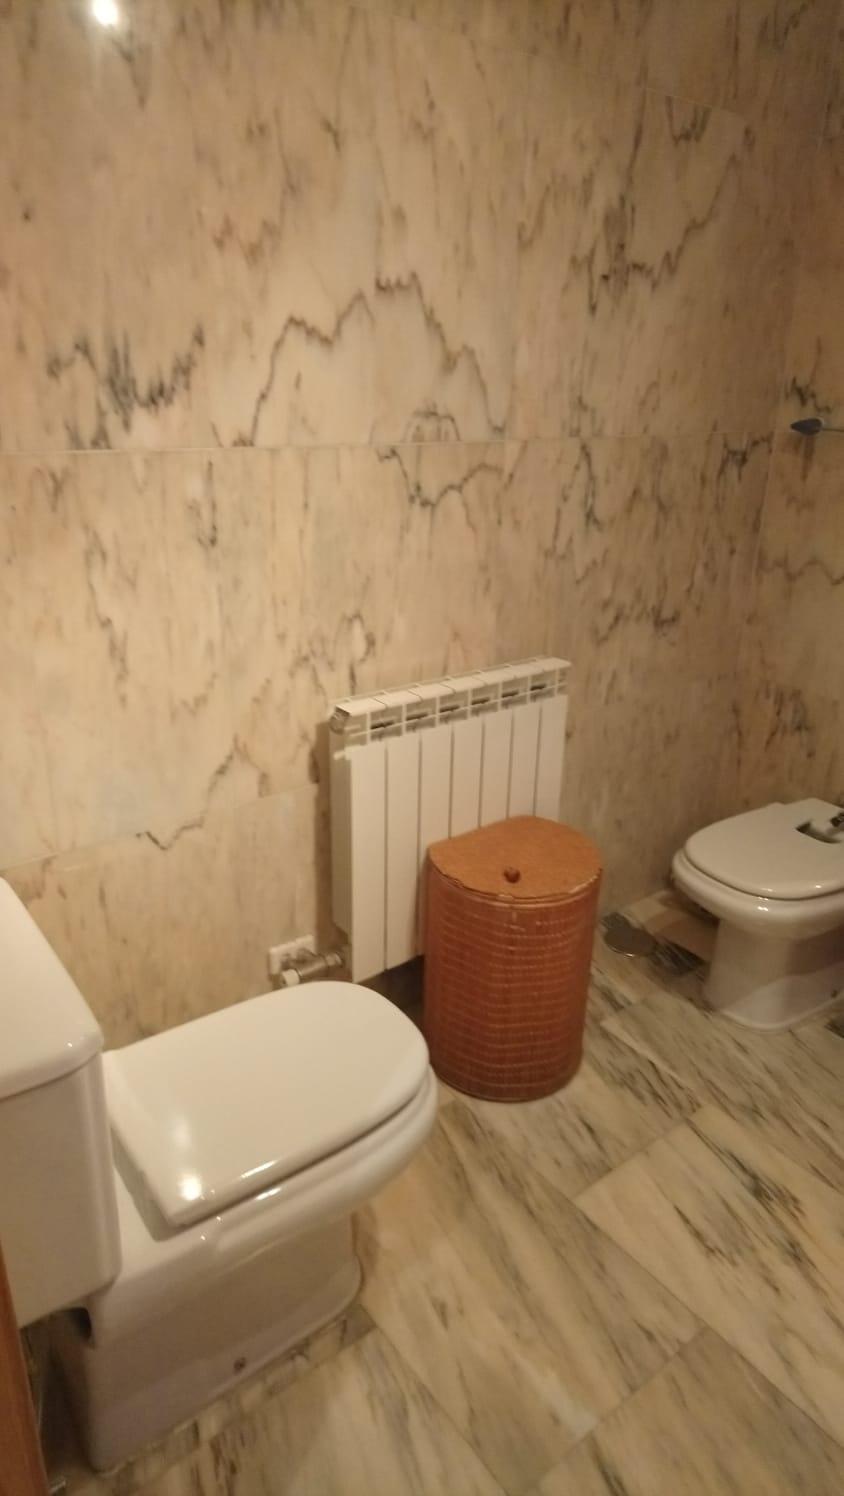 apartamento bonito de 2 dormitorios (REF: 515) - foto 2 f9b2b30a-6cd1-49ec-b265-86306bb6427e.jpg